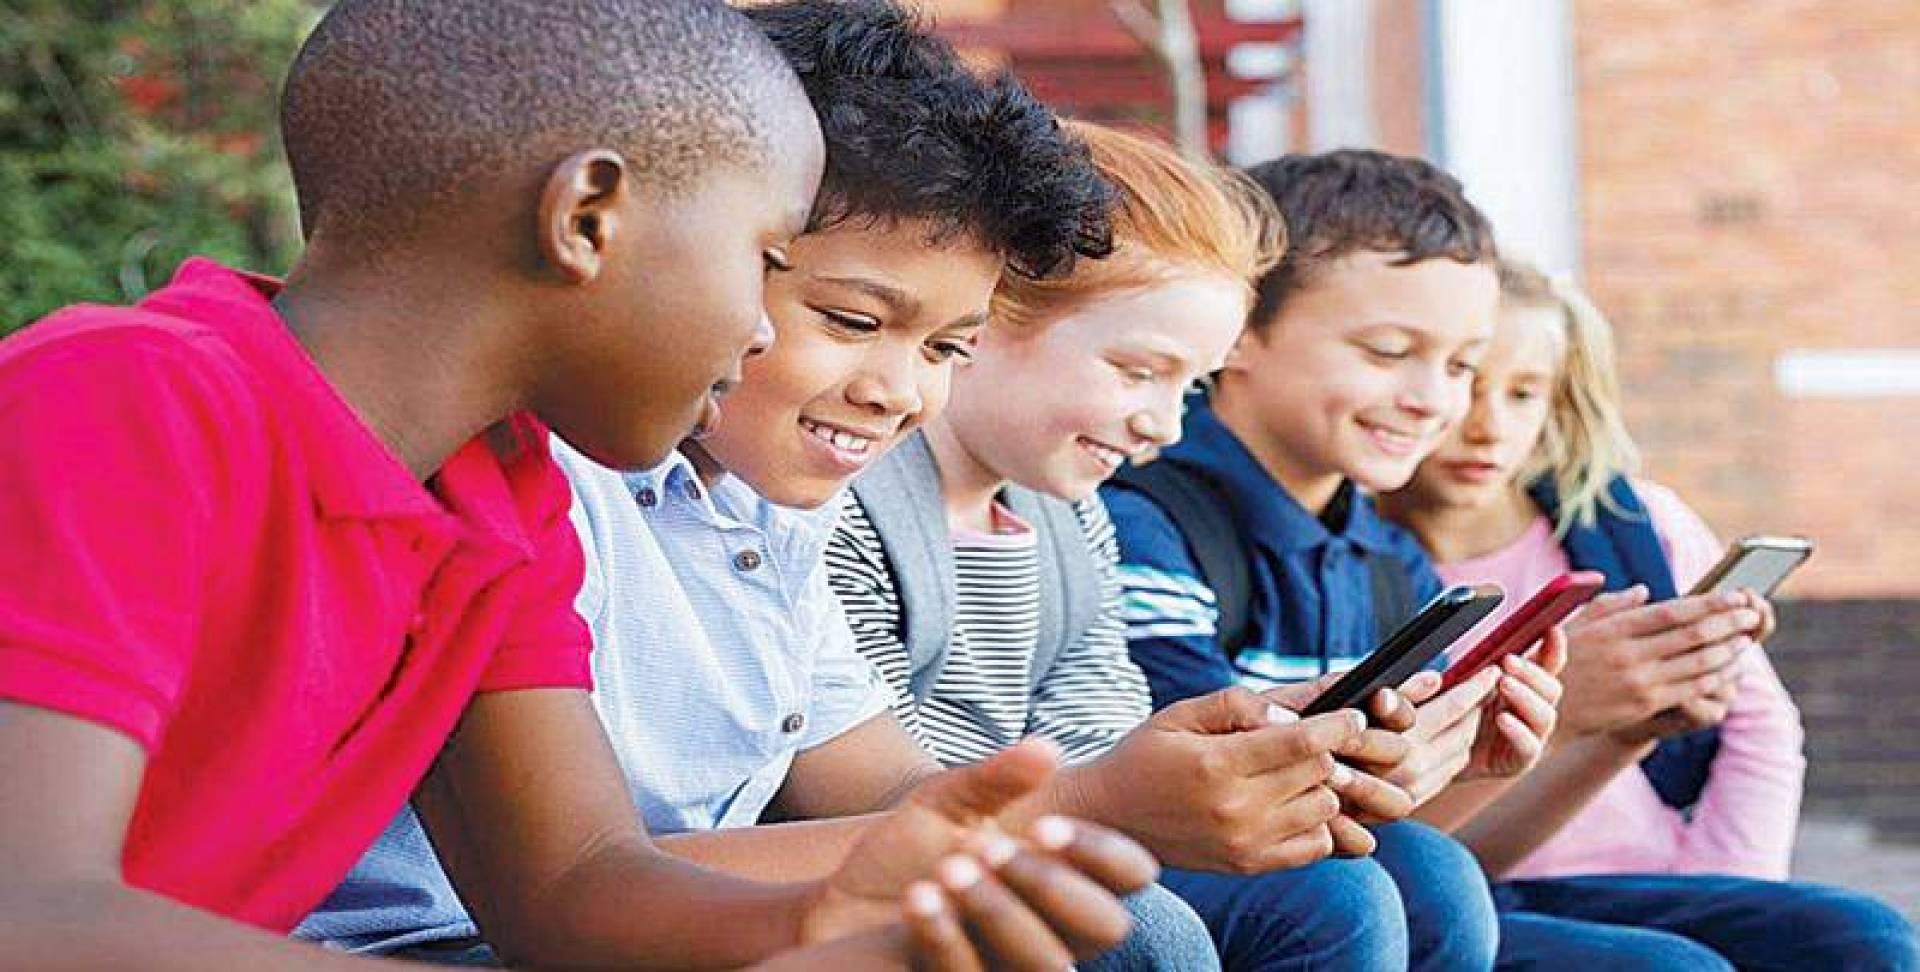 مراقبة الأطفال عبر التطبيقات تفقد الأهل دورهم الأساسي في الرعاية الصالحة